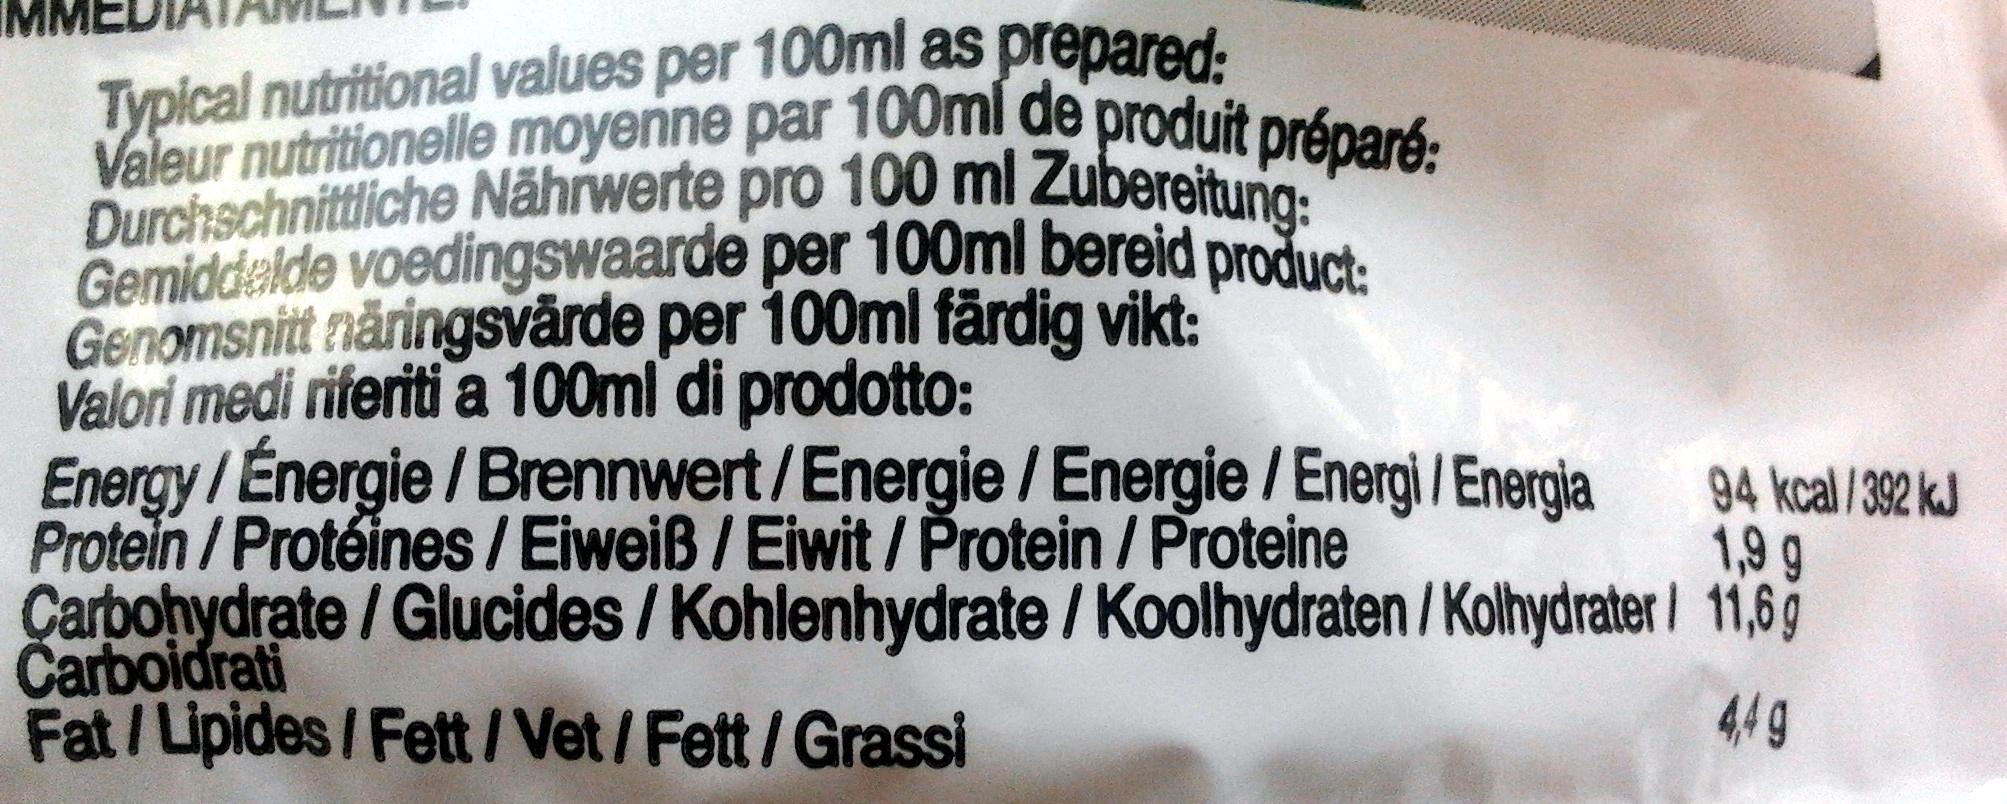 Sure MotionSense Bright Bouquet Anti-perspirant - Valori nutrizionali - fr